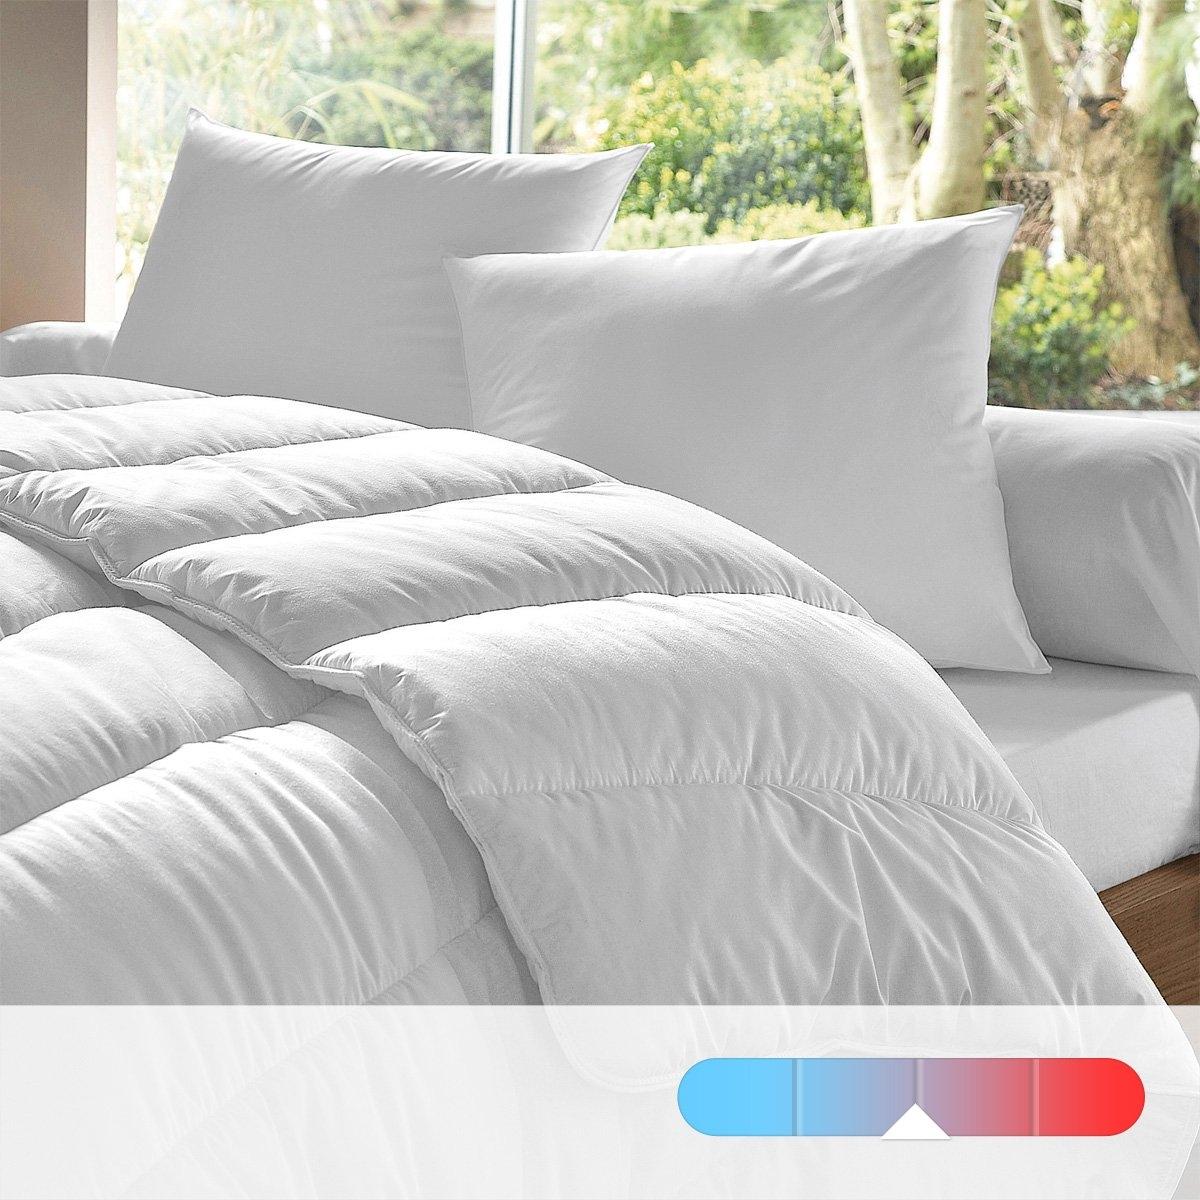 Одеяло синтетическое DACRON DUO, дышащее и легкое в уходе, DODOТеплое и мягкое одеяло DACRON DUO можно использовать как зимой так и летом, благодая его изолирующим свойствам.          Рекомендовано для неотапливаемых комнат (около 12 °C) одеяло DACRON DUO идеально для тех, кто ищет одеяло, которое надежно удерживает тепло.            Описание одеяла Dacron Duo :     Чехол     - 50% полиэстера, 50% хлопка.     Наполнитель     - 100% полиэстера DACRON DUO, полое силиконовое волокно 400 г/м?.     Прострочка     - Продольная.     - Отделка краев двойными строчками.     Уход     - Машинная стирка при 30 °C.     - Разрешена машинная сушка.     - Быстрая сушка.          Одеяло Dacron Duo поставляется в специальном чехле с ручкой.<br><br>Цвет: белый